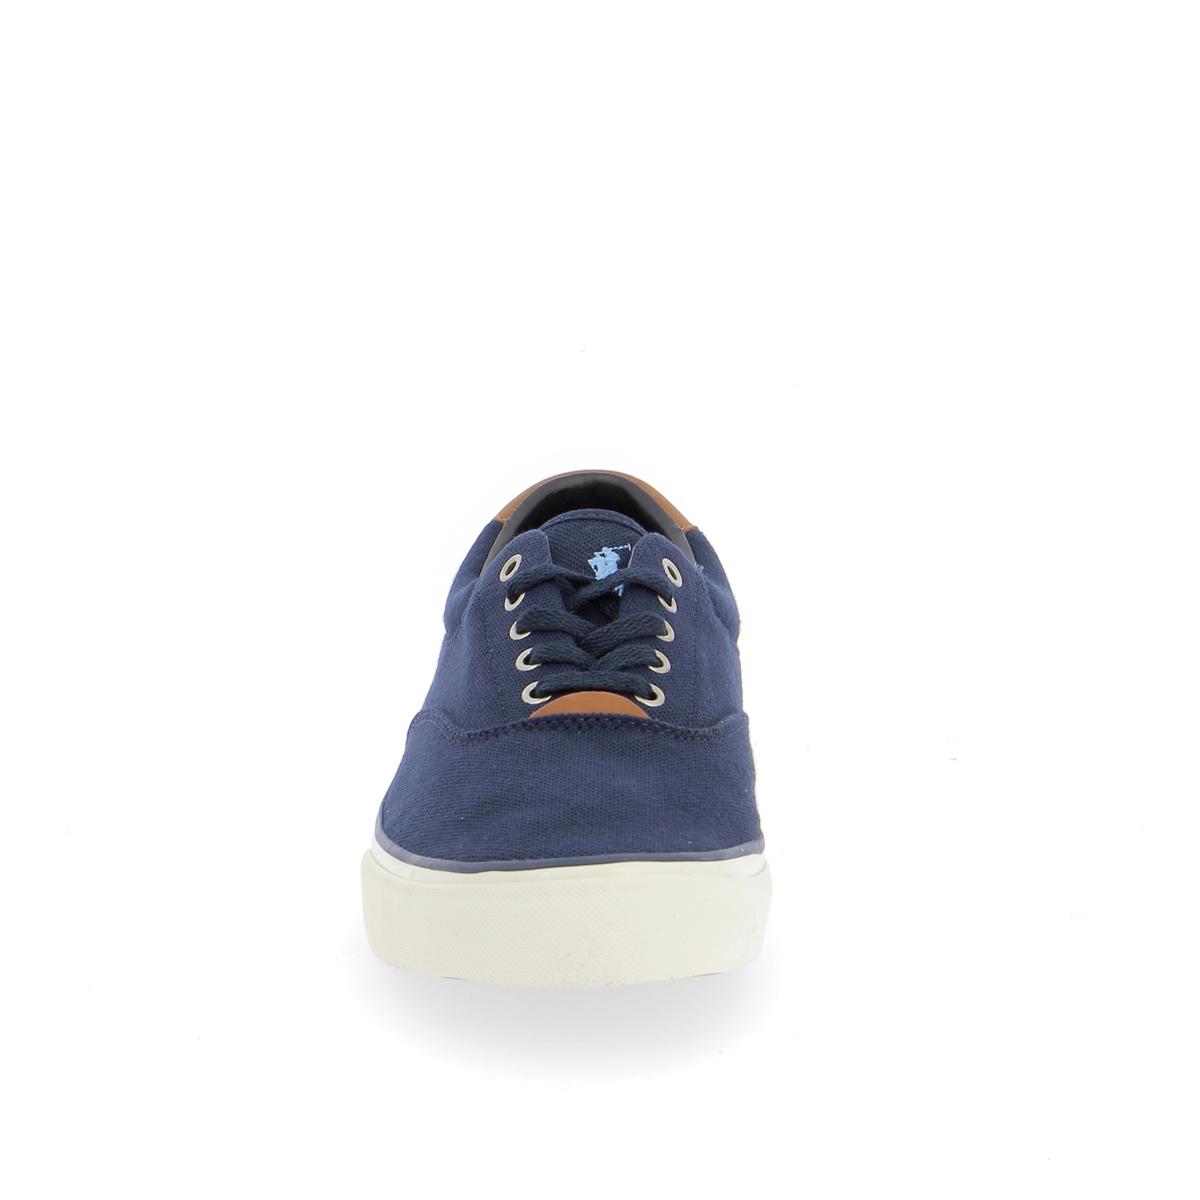 Ralph Lauren Basket bleu